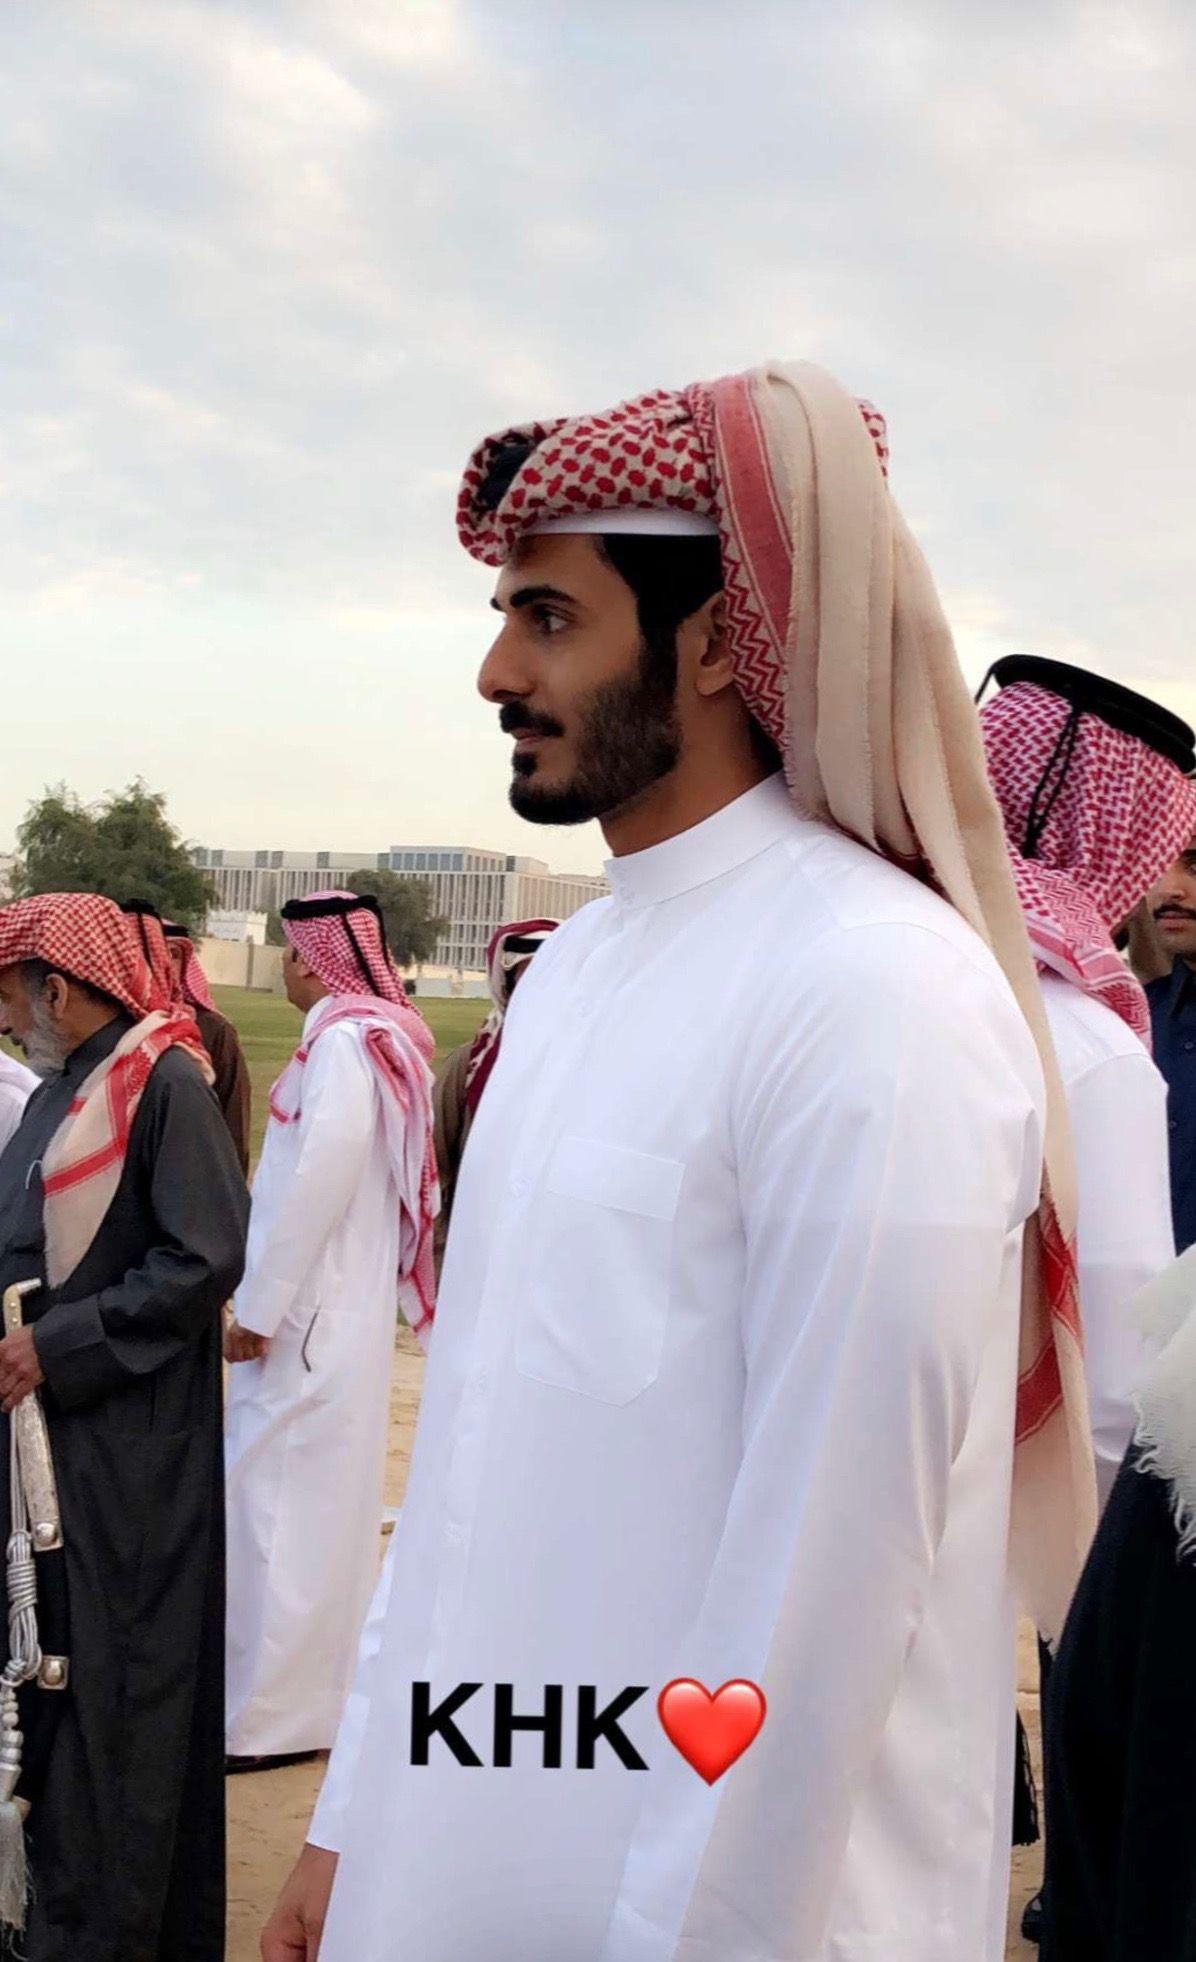 Pin By Khadijah Shaikh On Khk Arab Men Males Photo